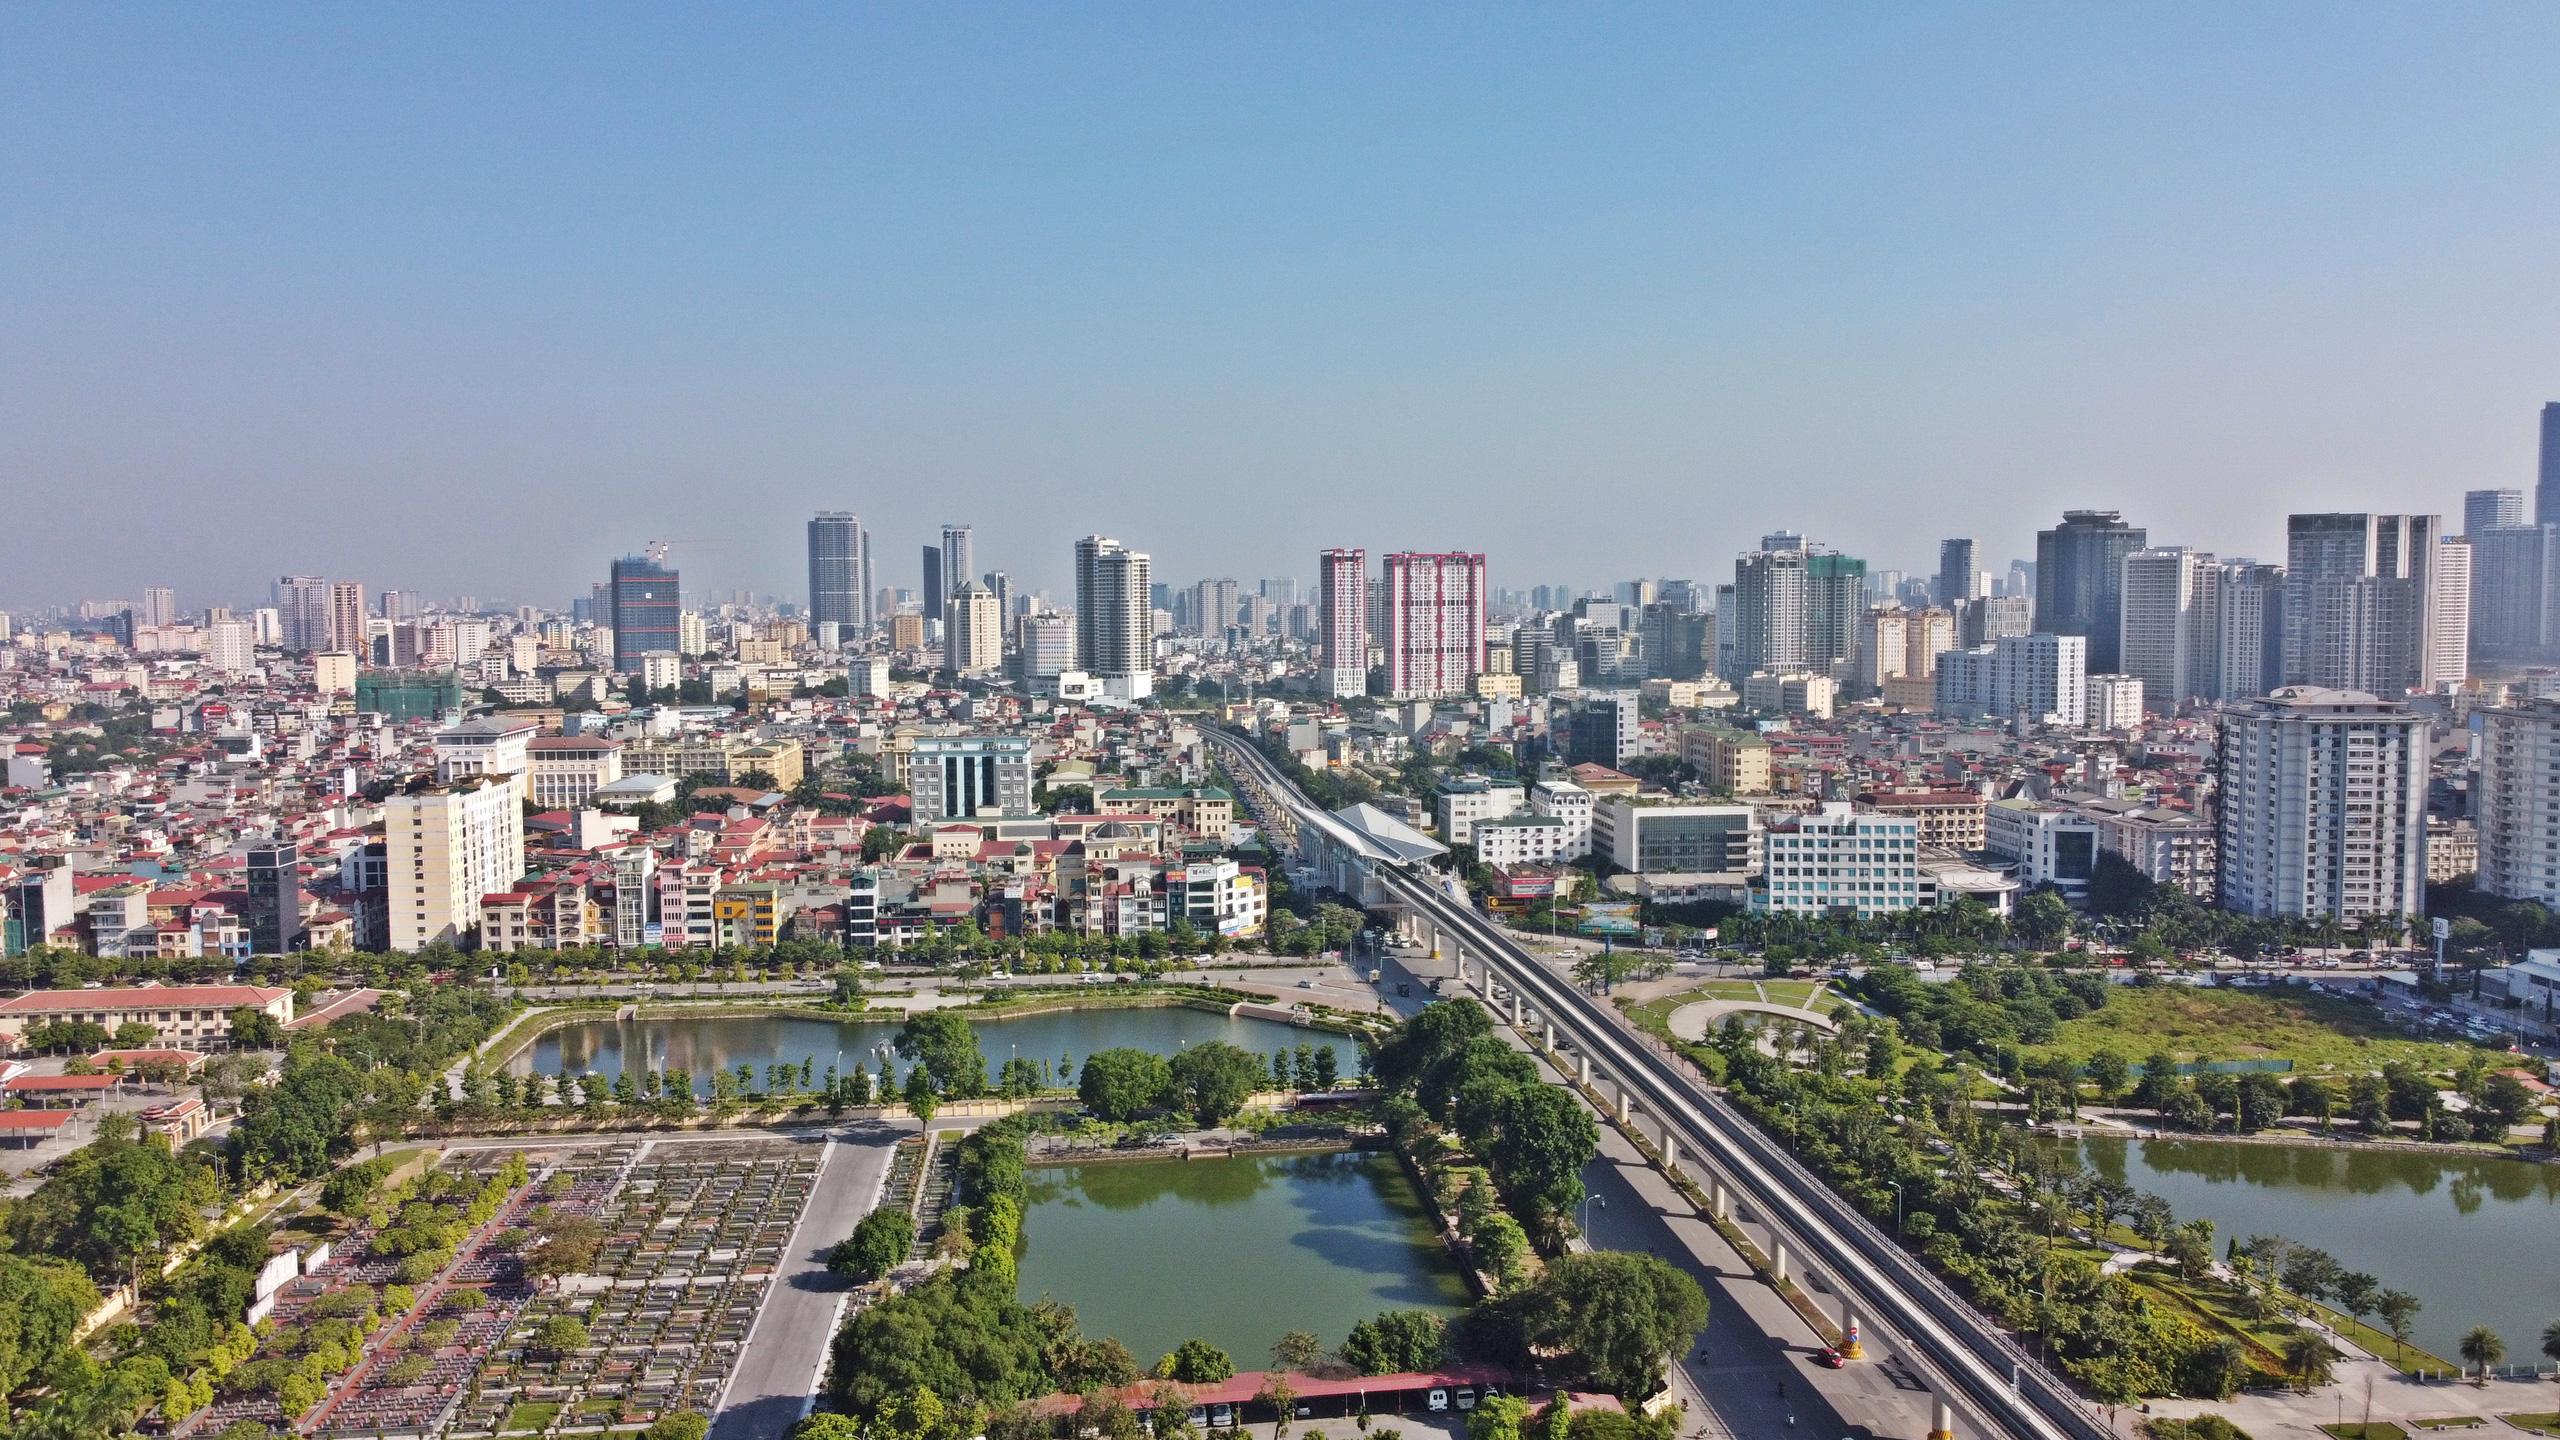 Tiến độ tổng thể dự án đường sắt Nhổn - ga Hà Nội đoạn trên cao đạt hơn 86% - Ảnh 1.